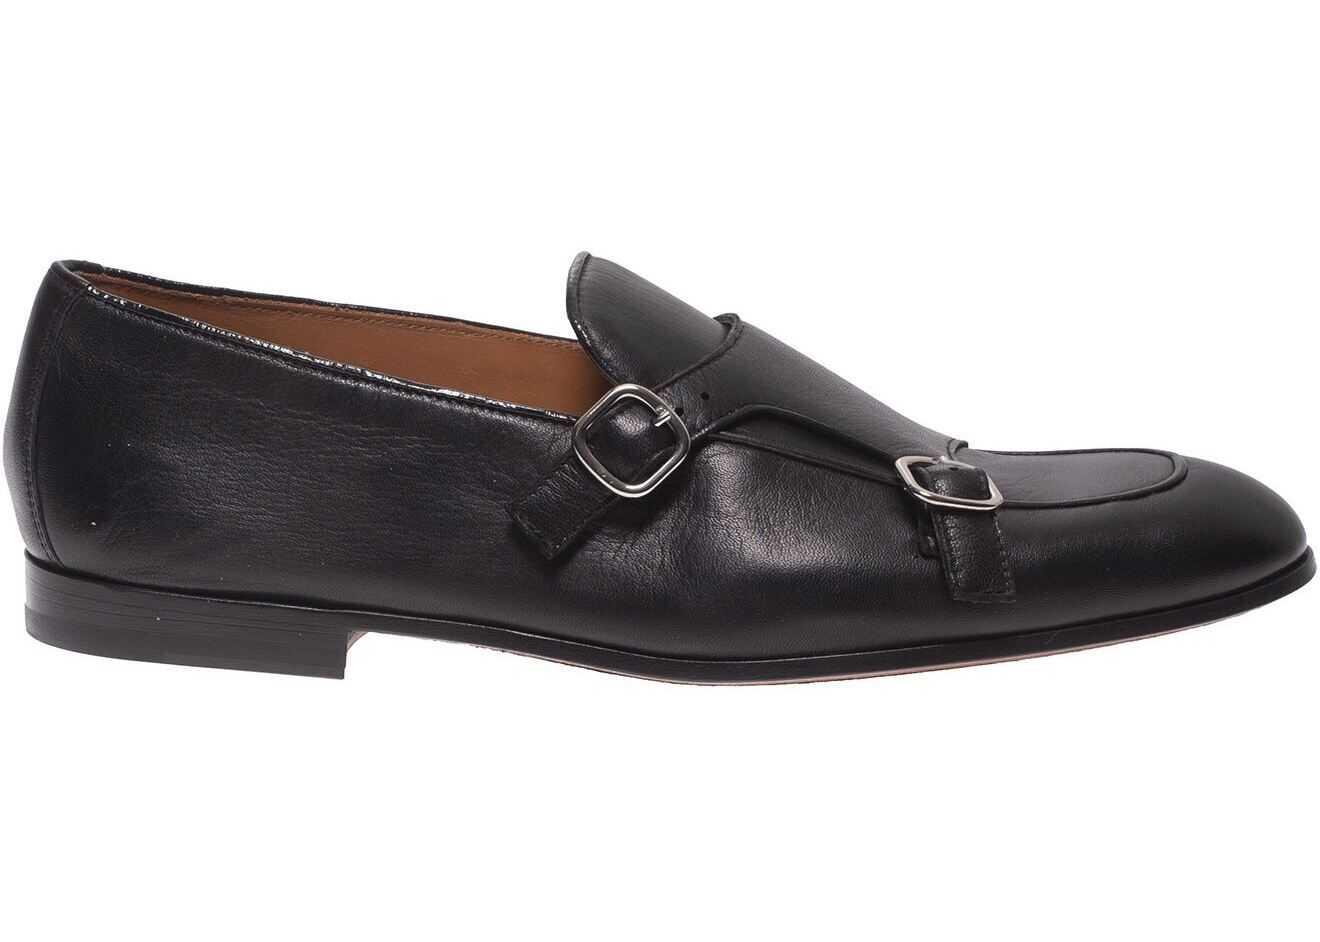 Doucal's Vintage-Effect Monk Strap In Black DU2364CAPRUF061NN00 Black imagine b-mall.ro